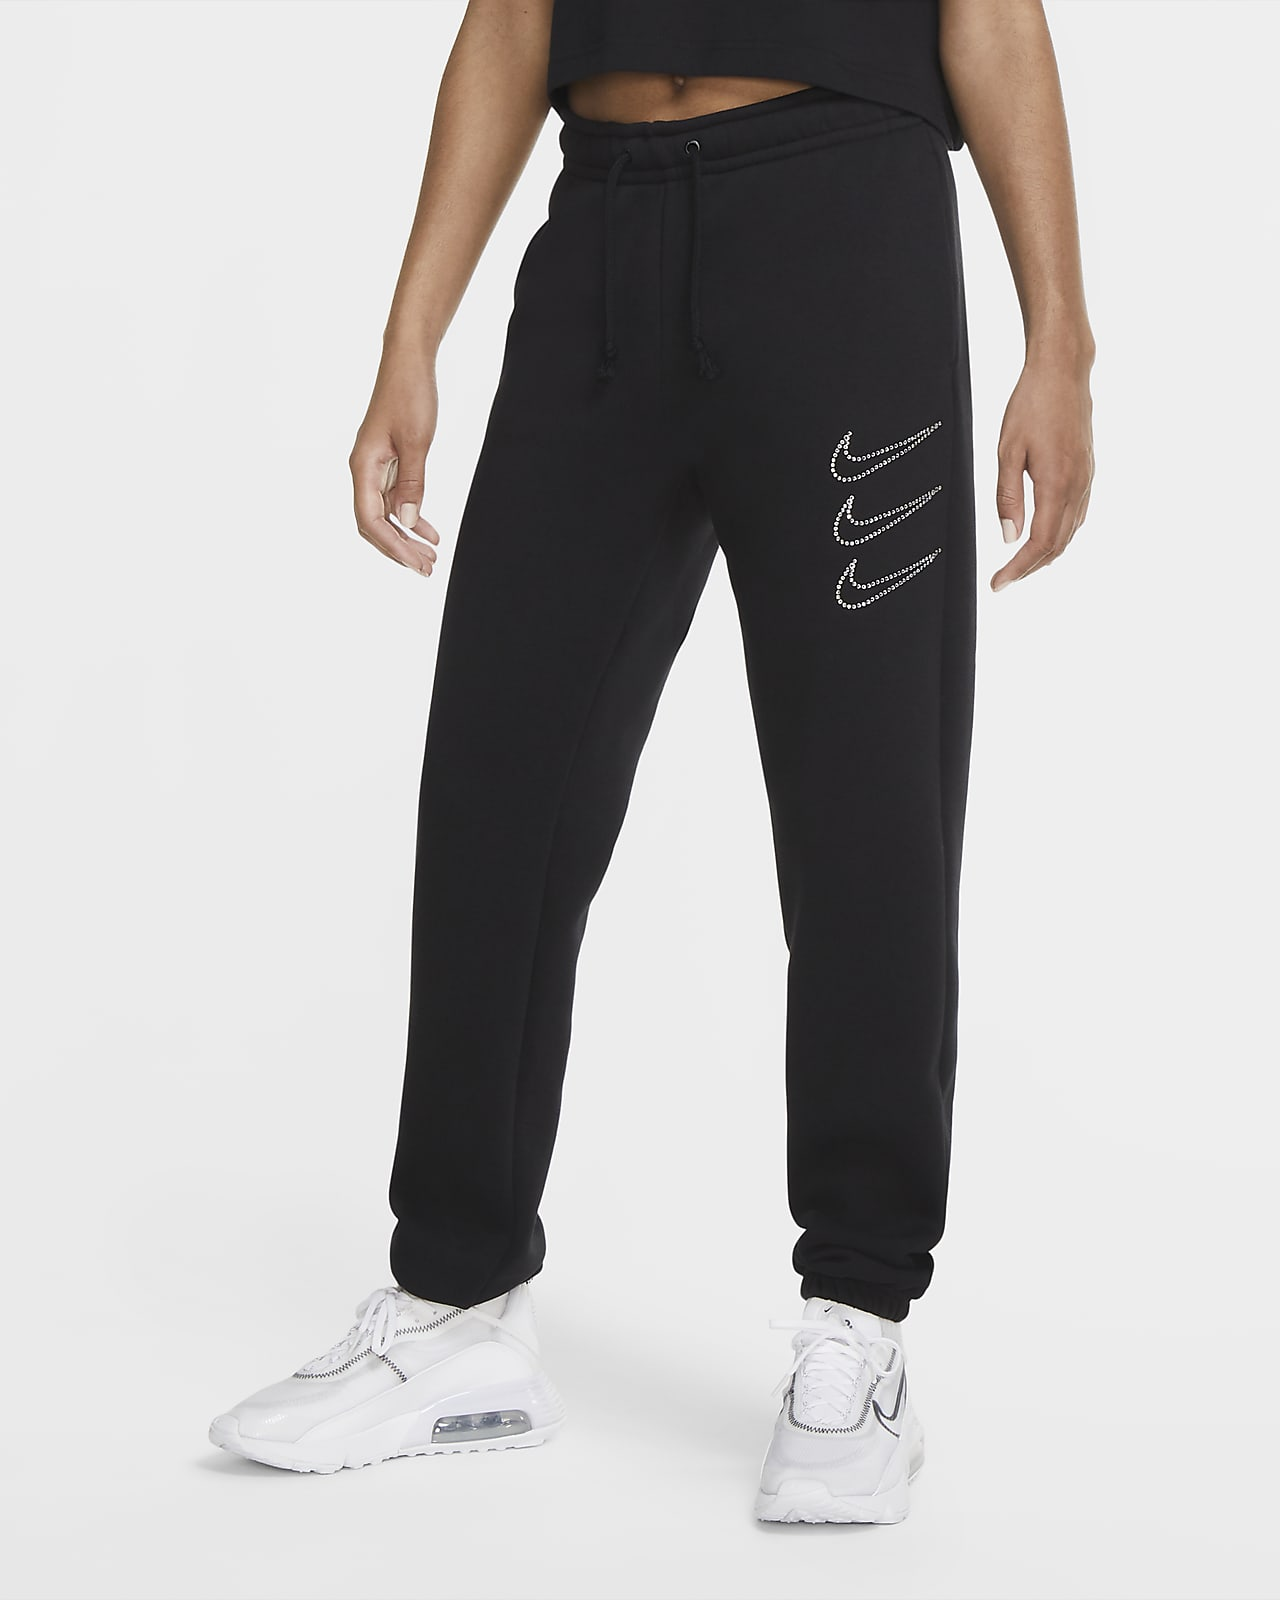 Nike Sportswear Rhinestone Pantalón de tejido Fleece - Mujer